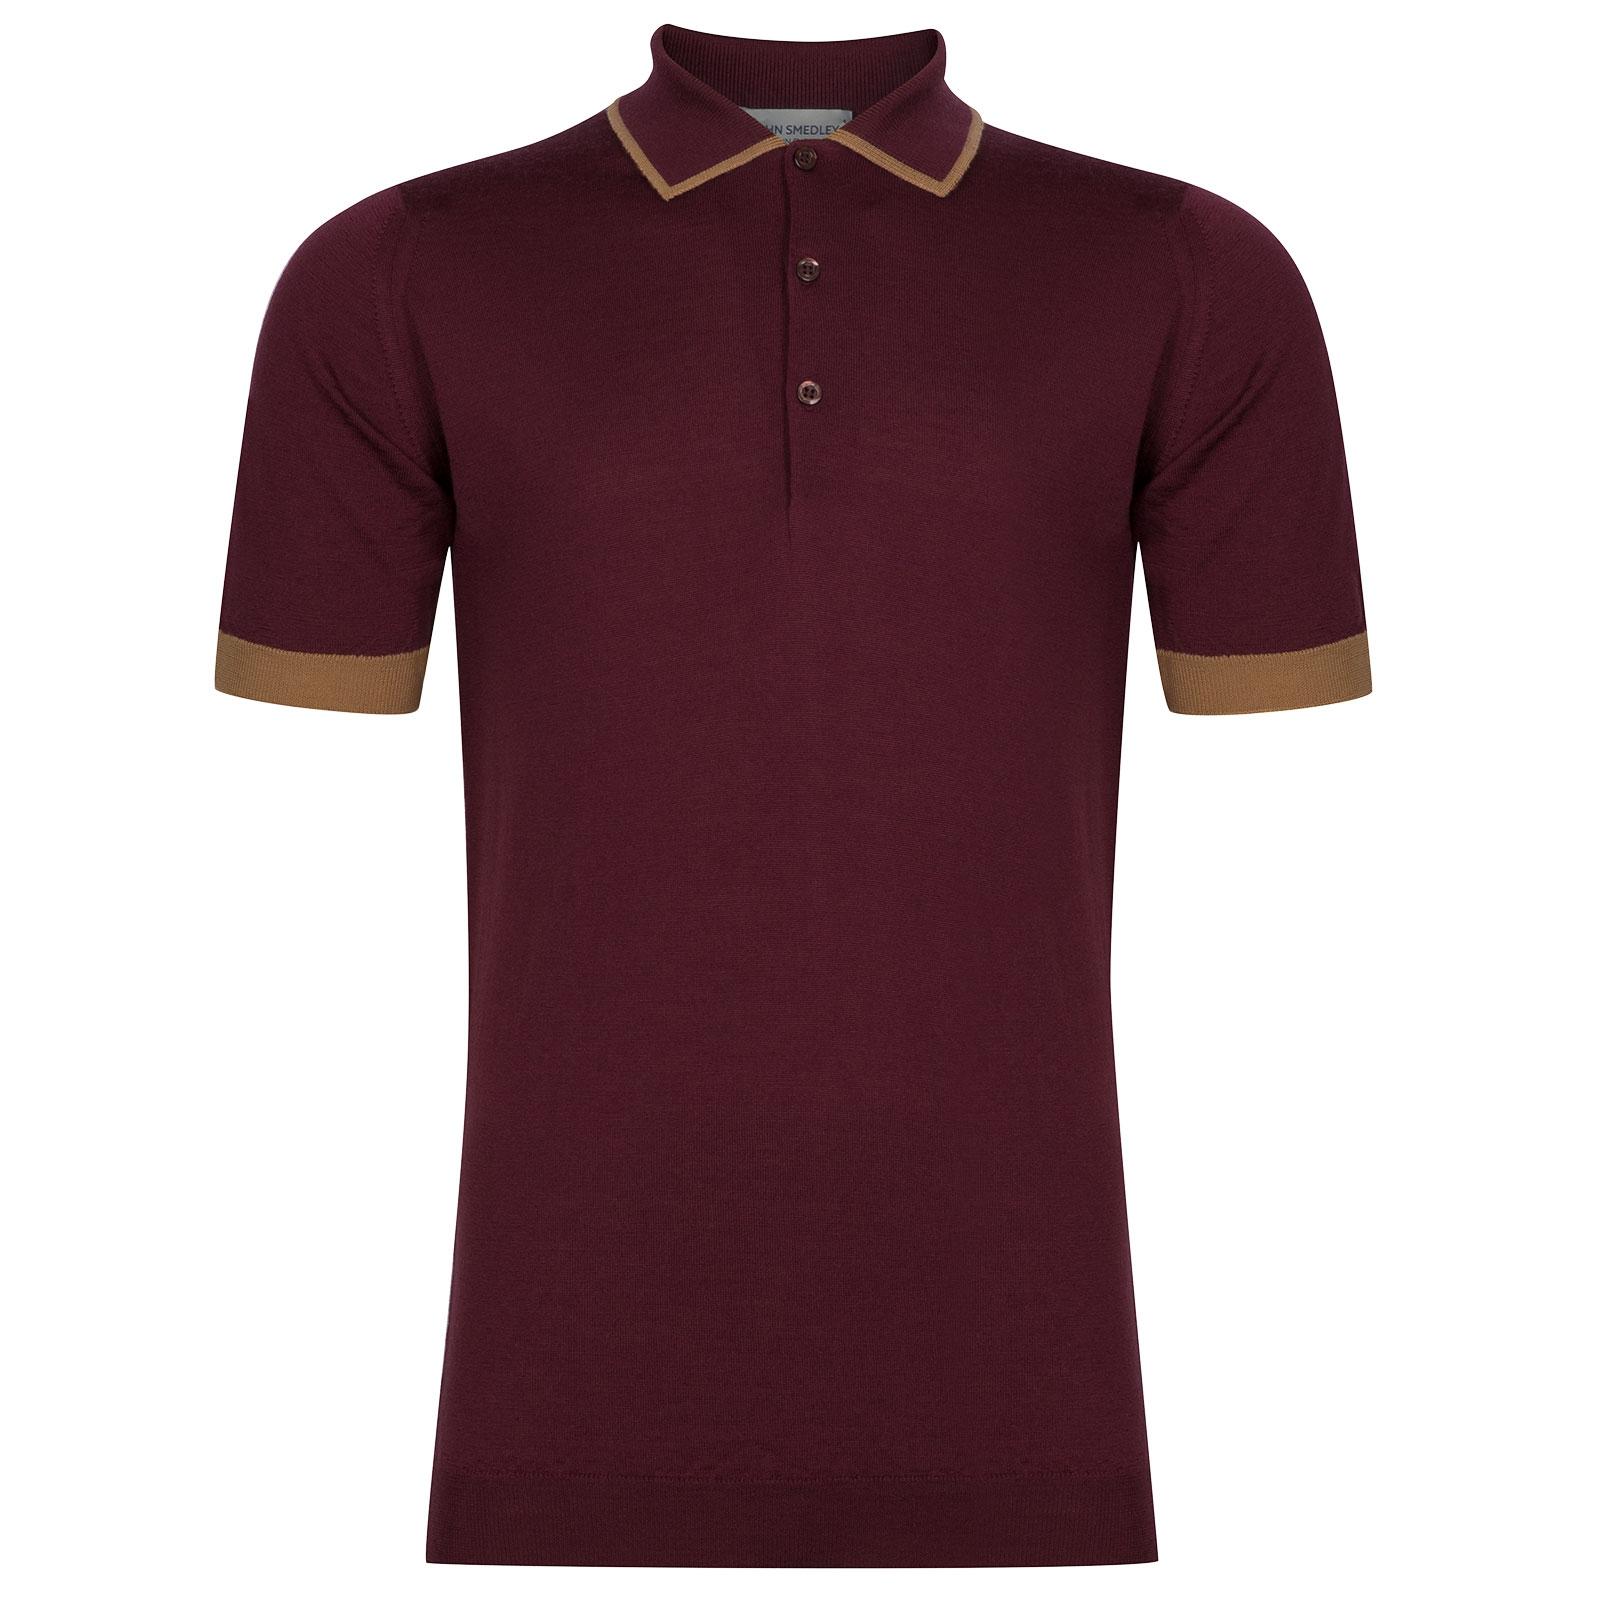 John Smedley Nailsea Extra Fine Merino Shirt in Bordeaux-S